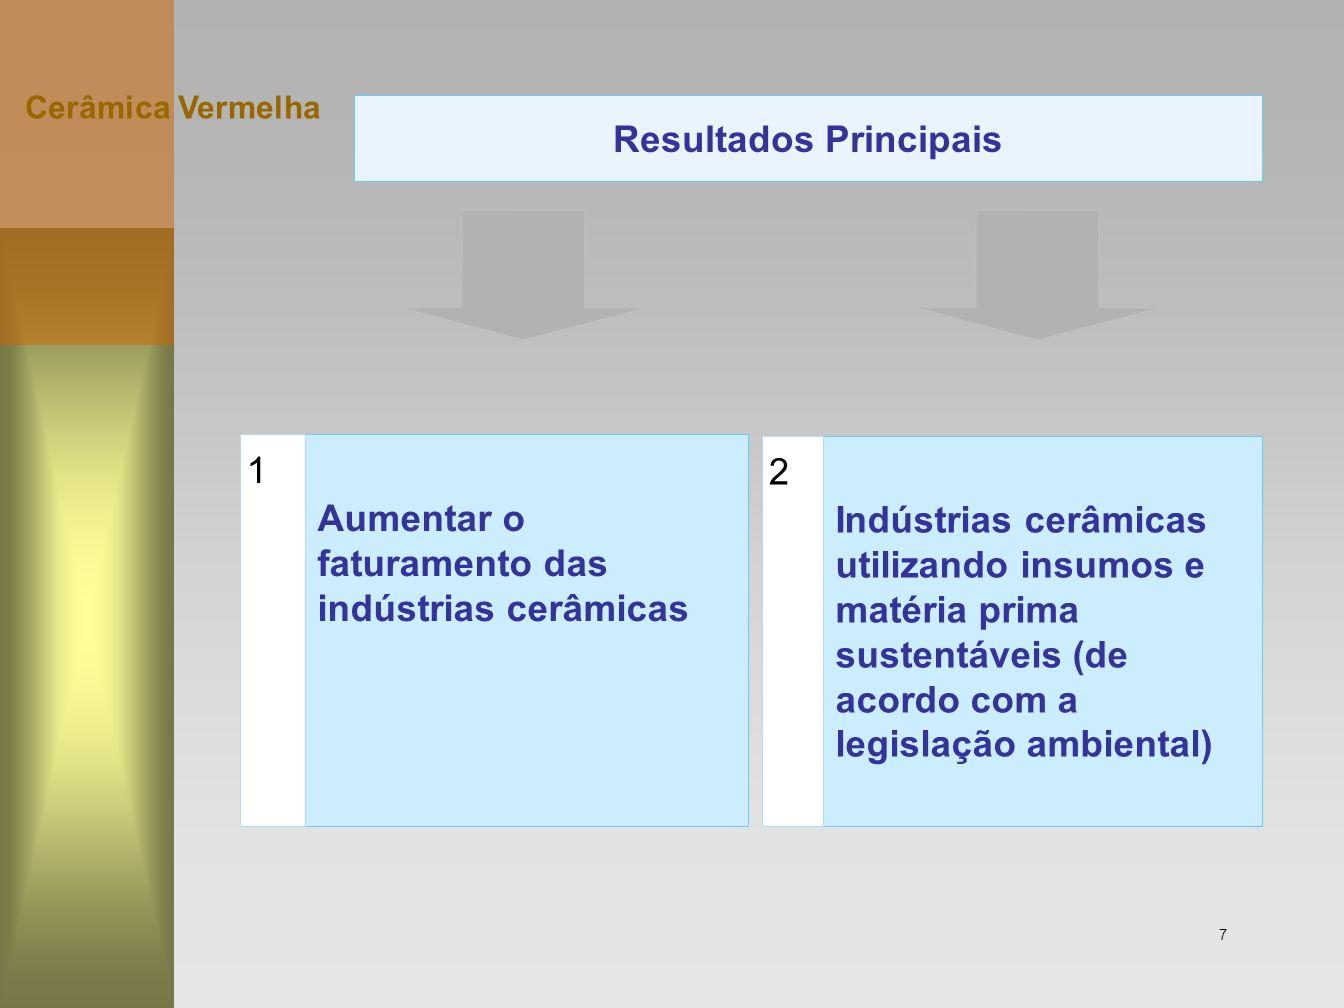 7 Aumentar o faturamento das indústrias cerâmicas 1 Indústrias cerâmicas utilizando insumos e matéria prima sustentáveis (de acordo com a legislação a